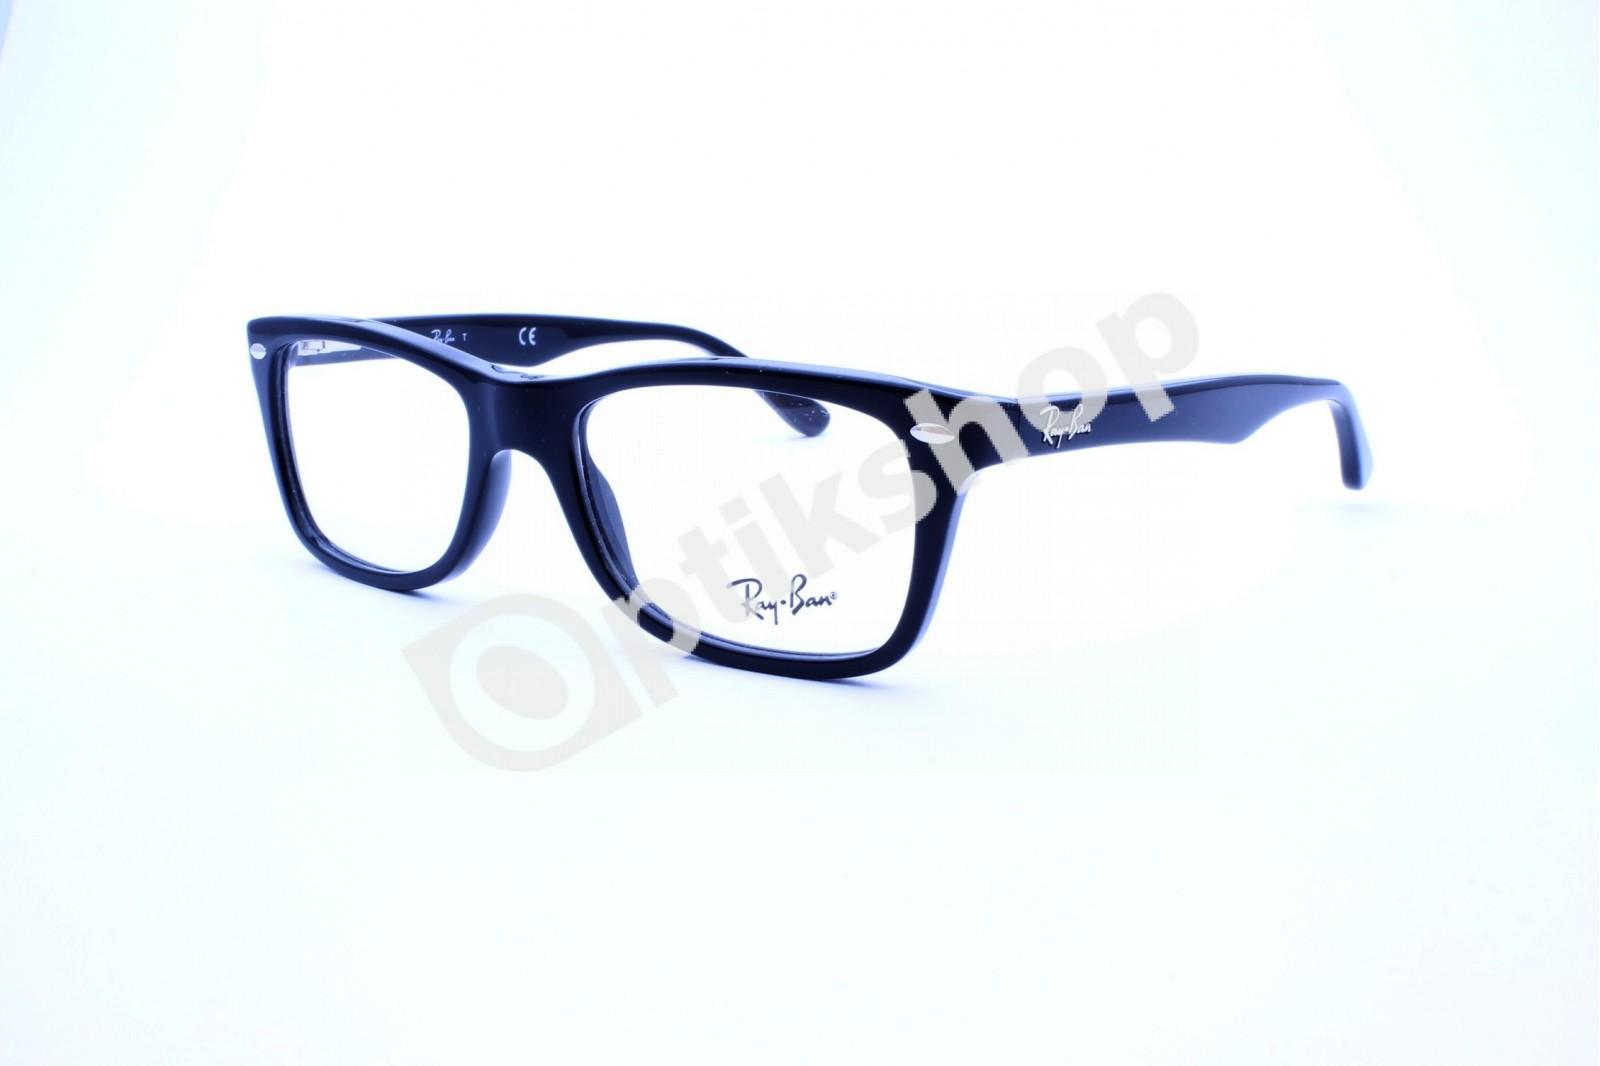 47aaaefc14f24 Ray-Ban - RB5228 2000 50 szemüvegkeretek